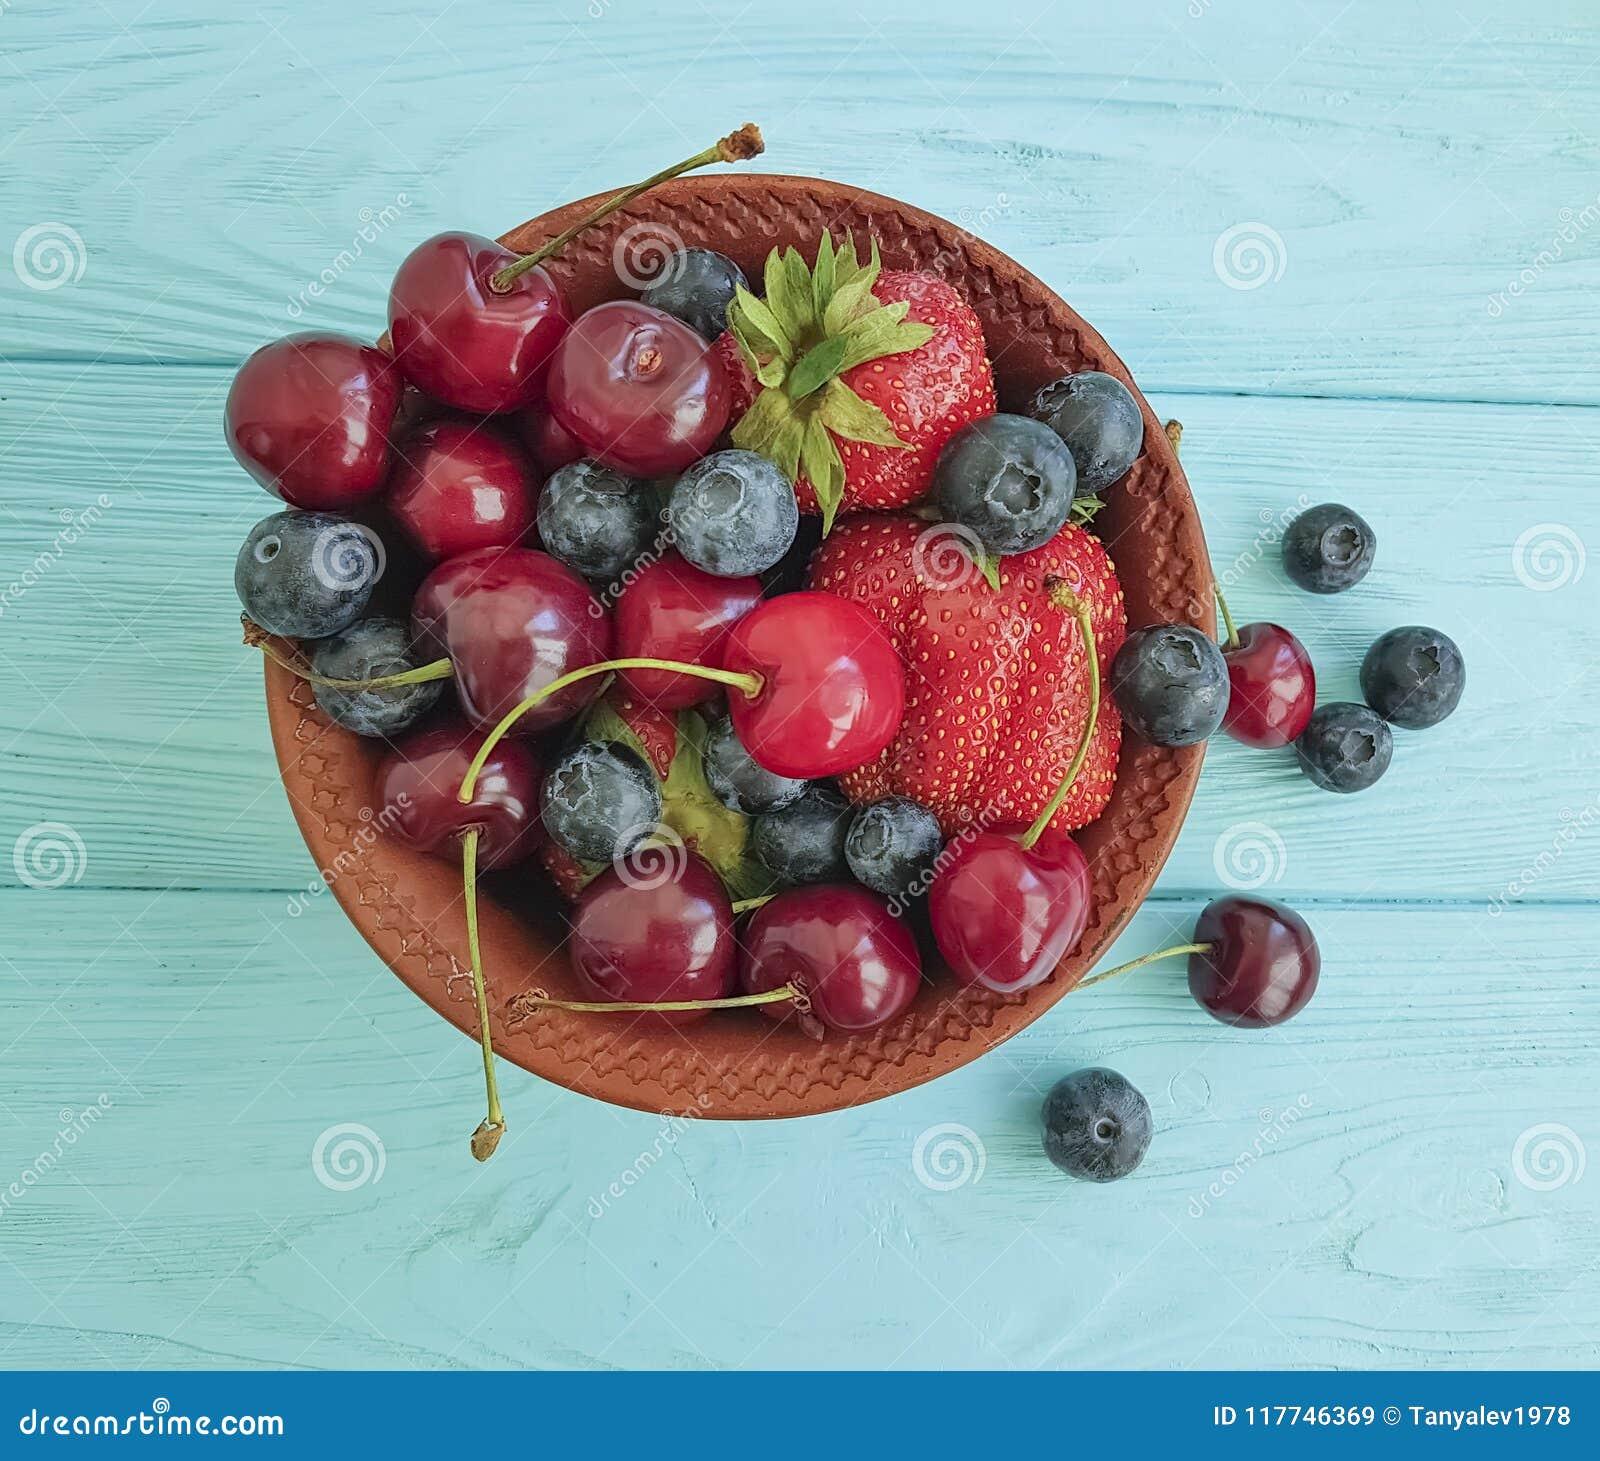 Plaat, fruitbessen, kers, aardbei, bosbessendessert op een blauwe houten achtergrond